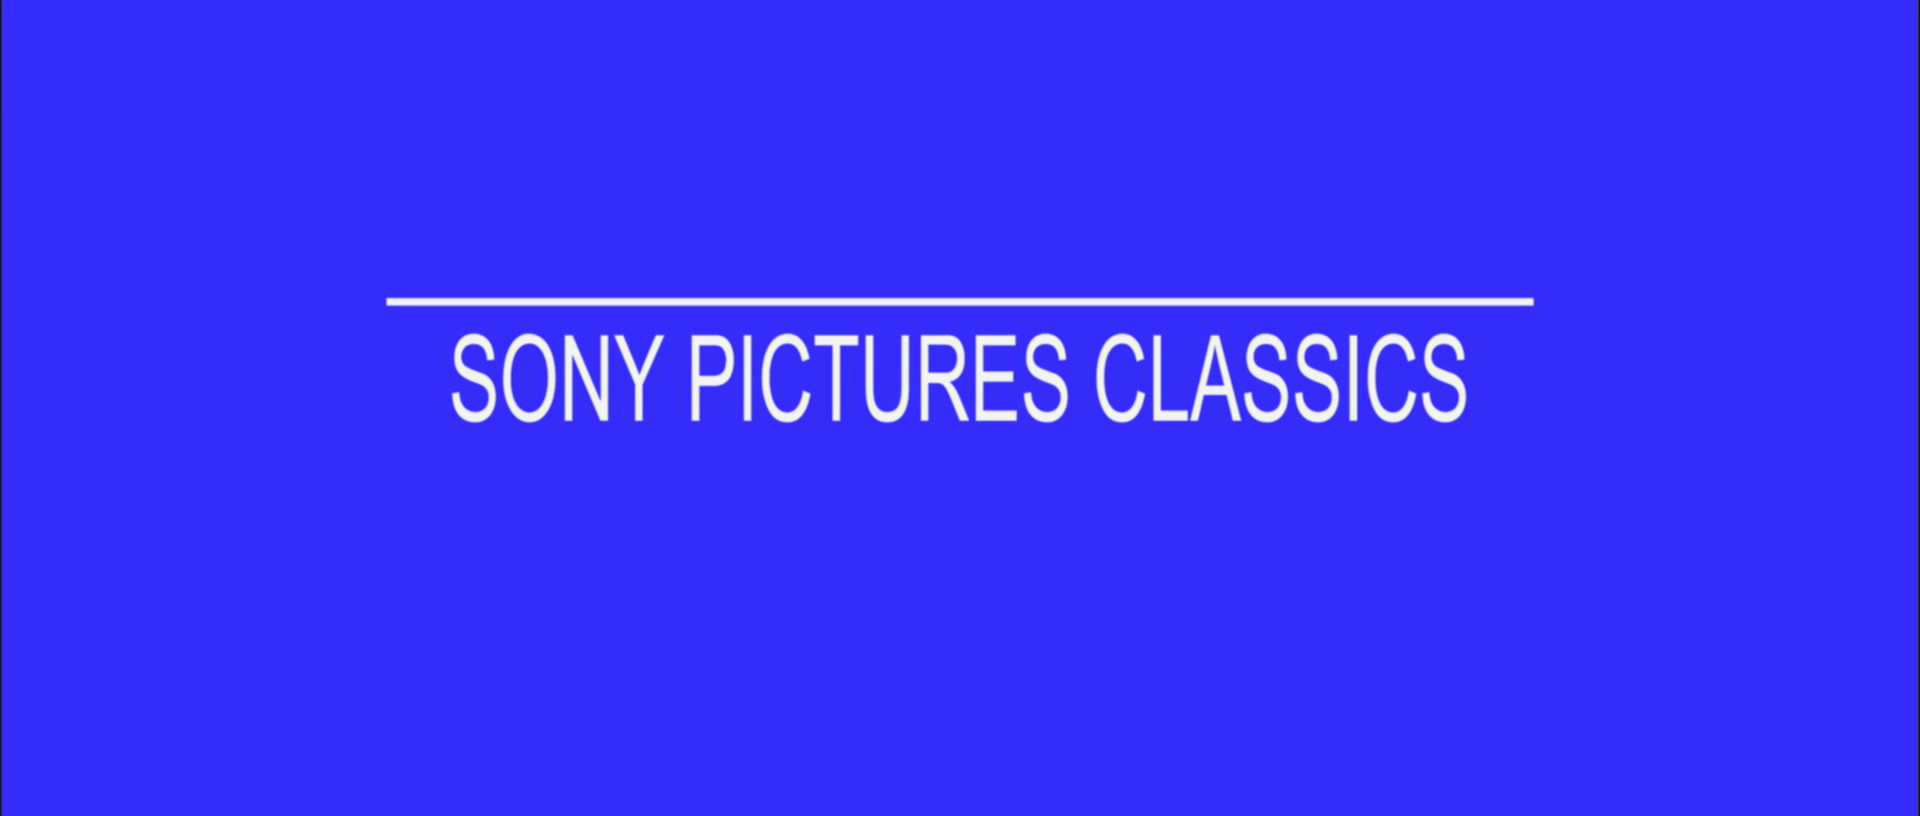 Sony_Pictures_Classics_intro